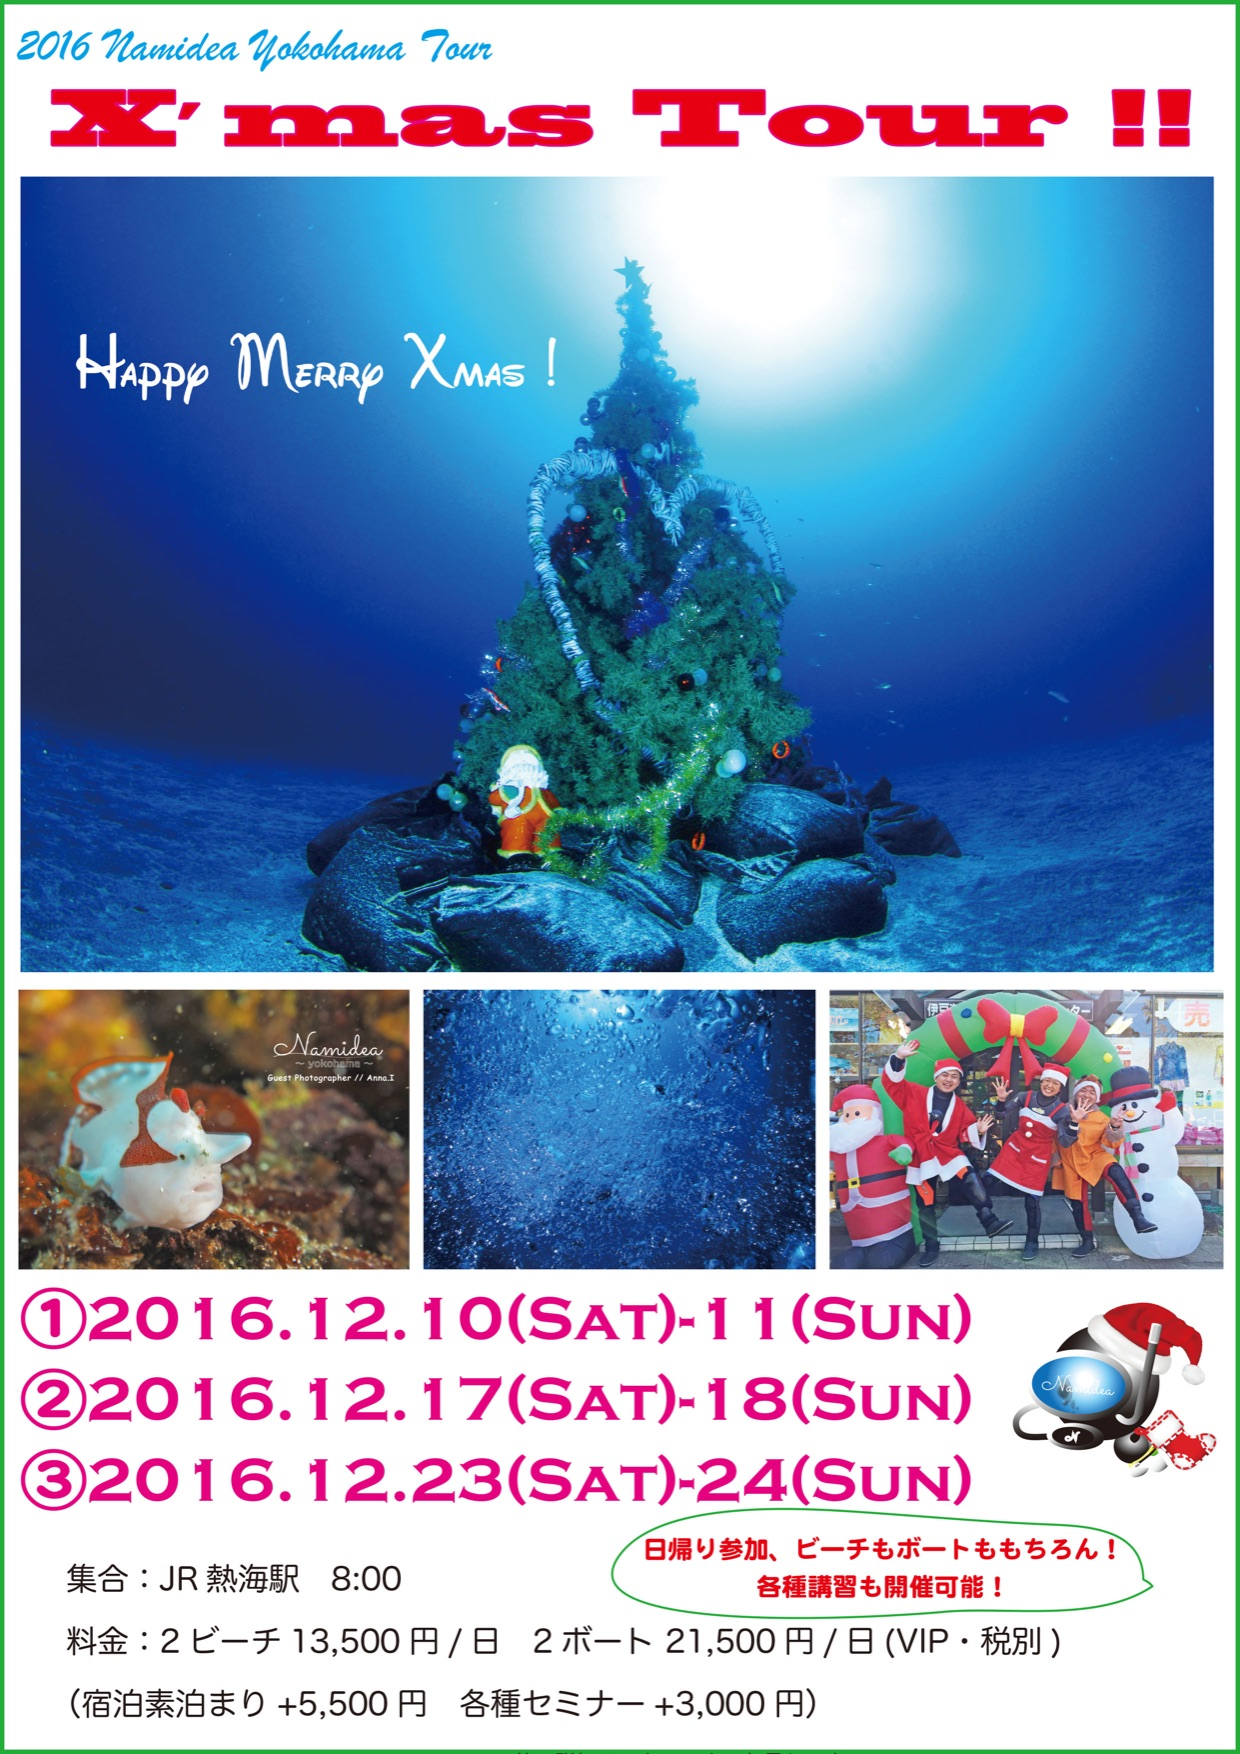 Namidea Yokohama 2016年クリスマスツアー